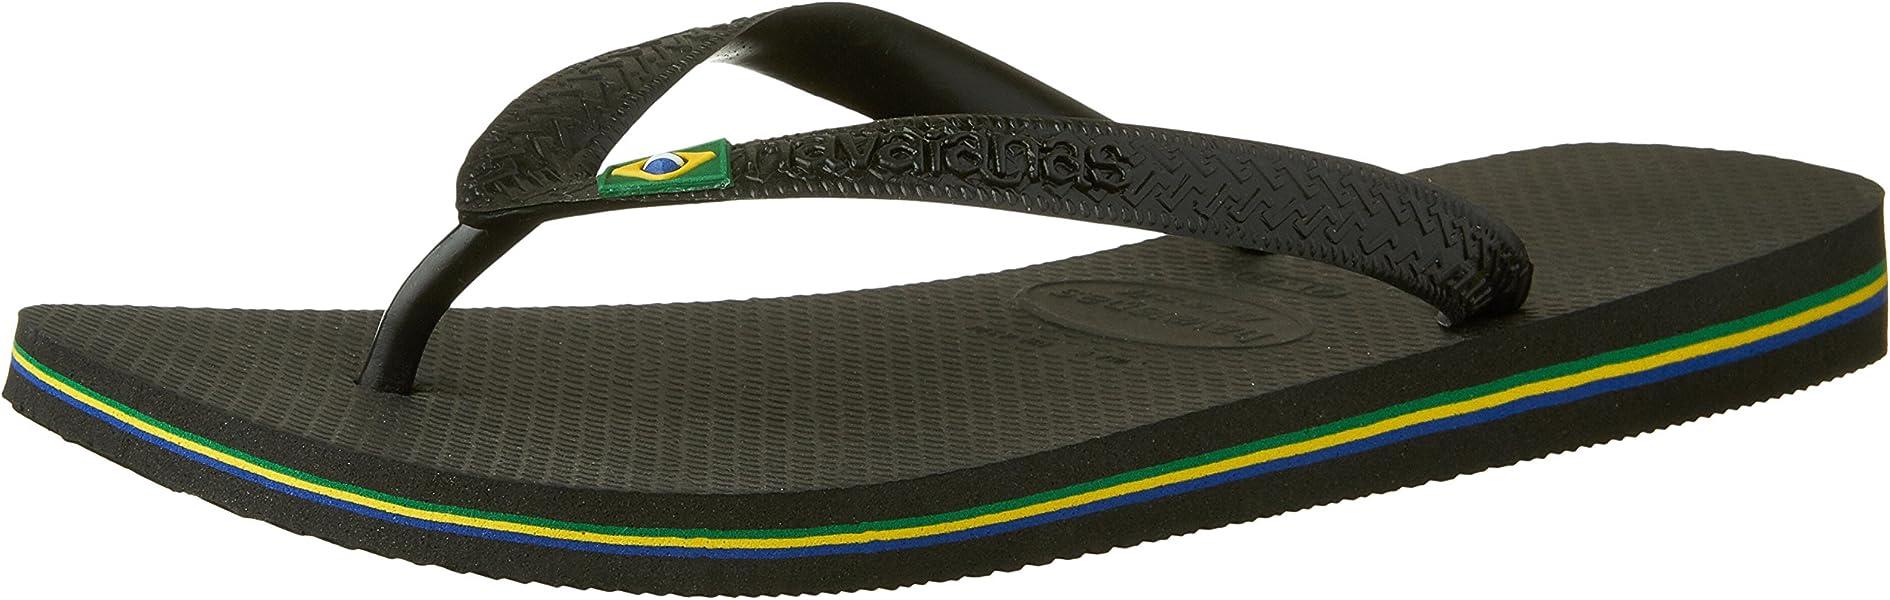 Havaianas Brazil Logo Top Mix Flip Flops Brasil Mens Womens Beach Summer Shoes